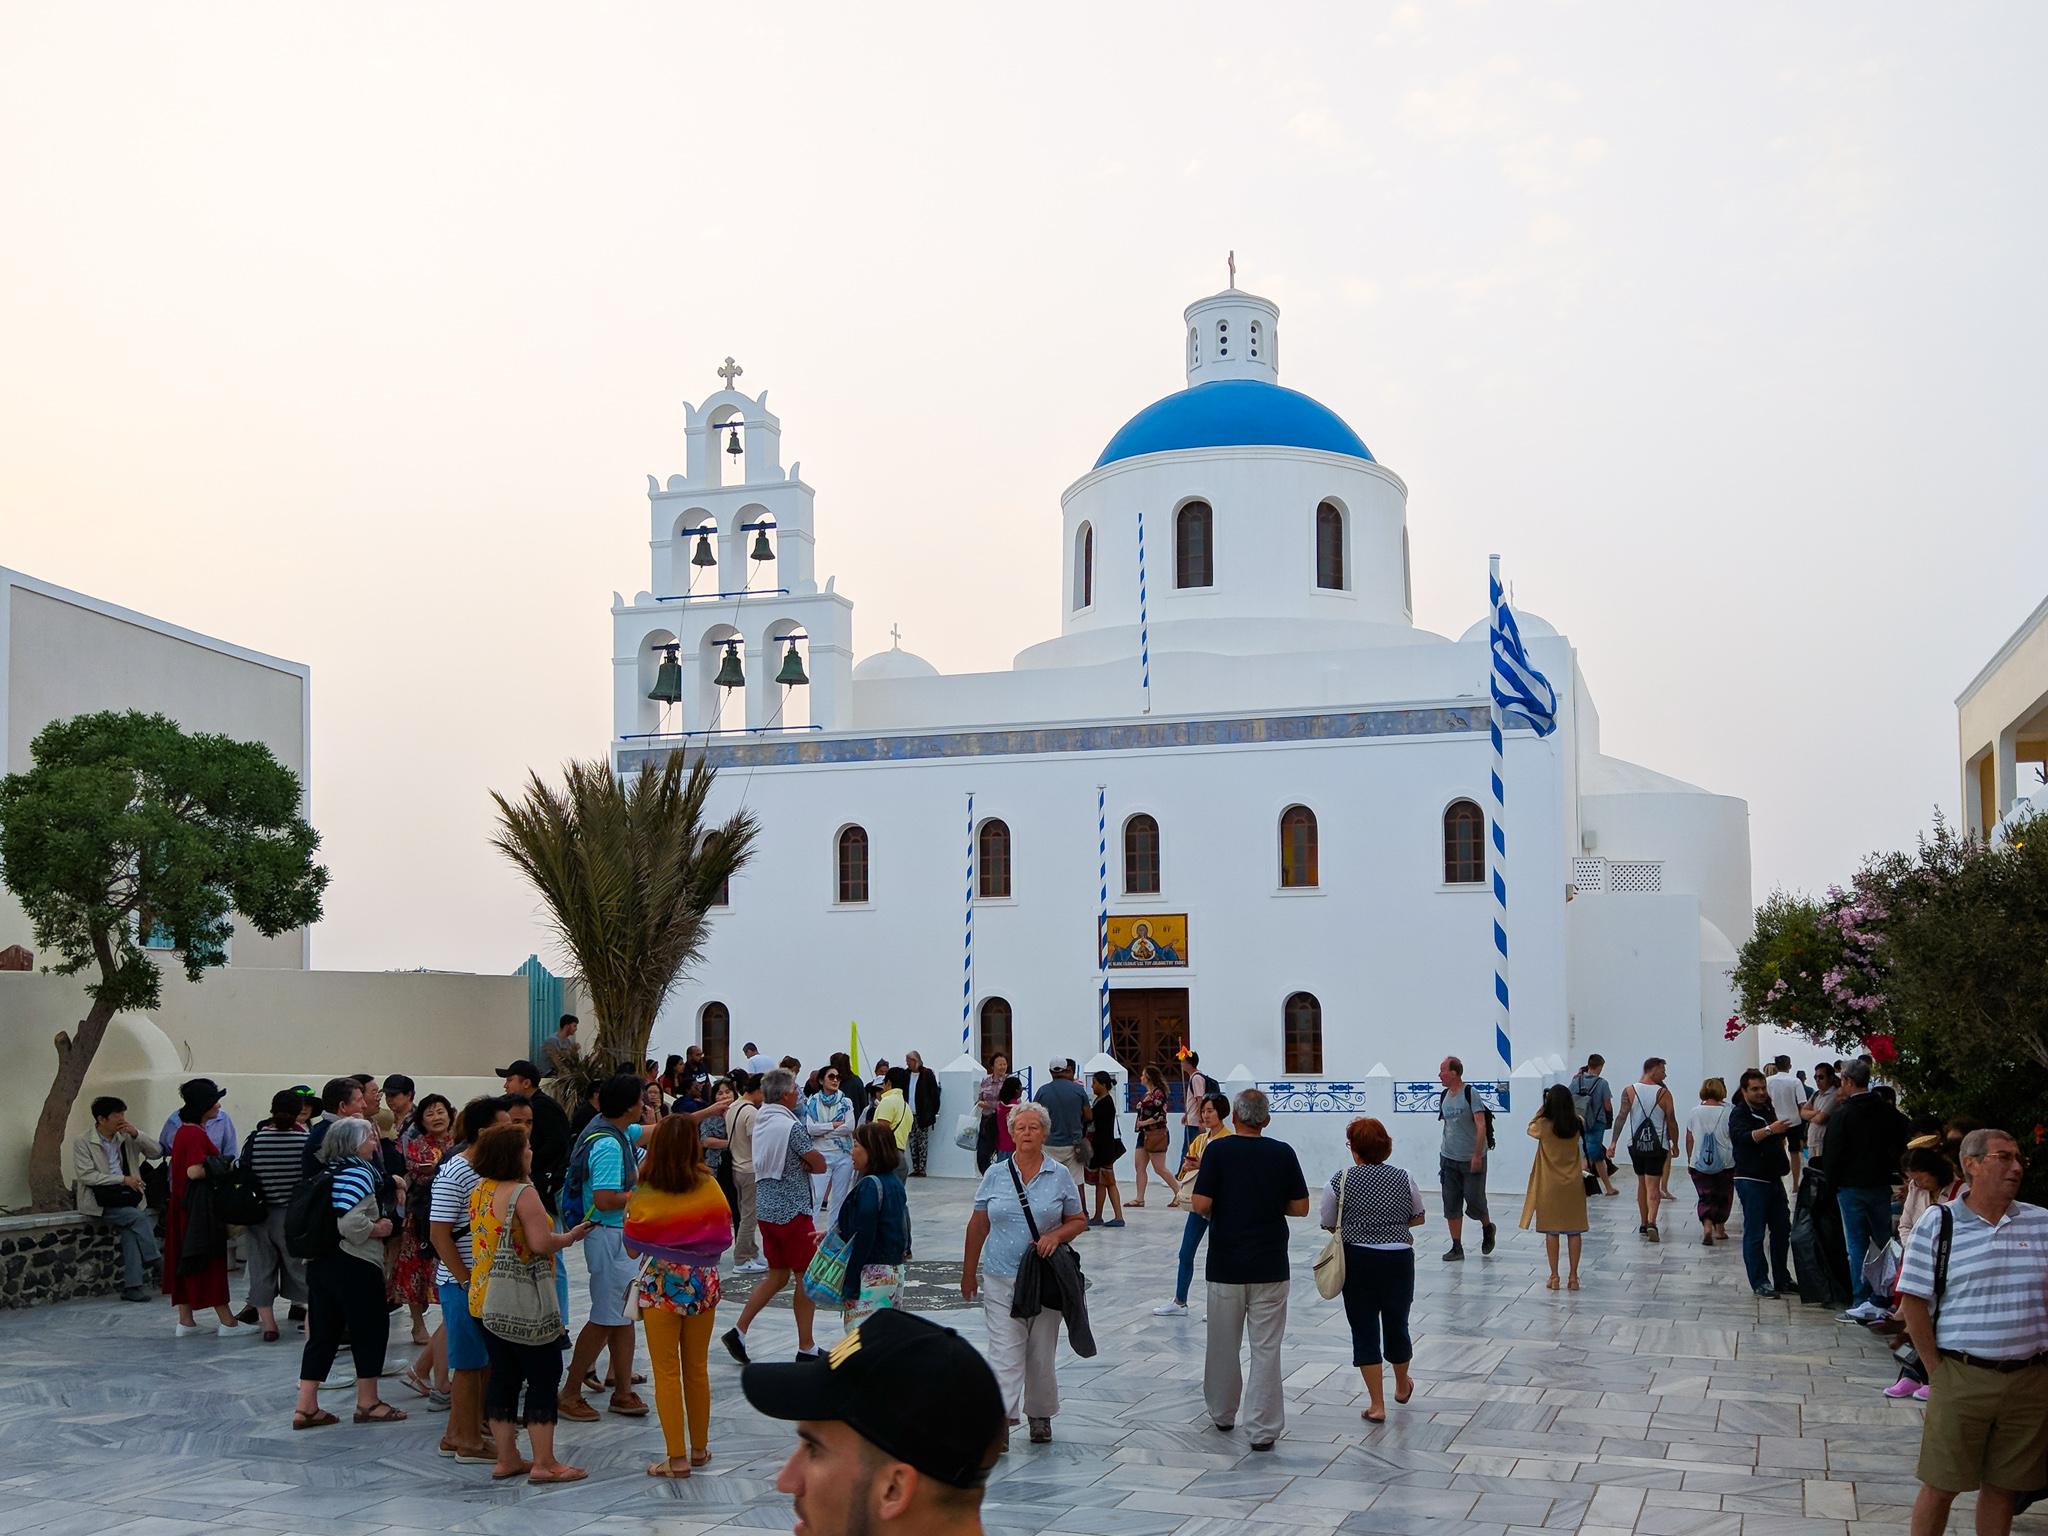 Santorini am Abend 20 Uhr mit vielen Touristen